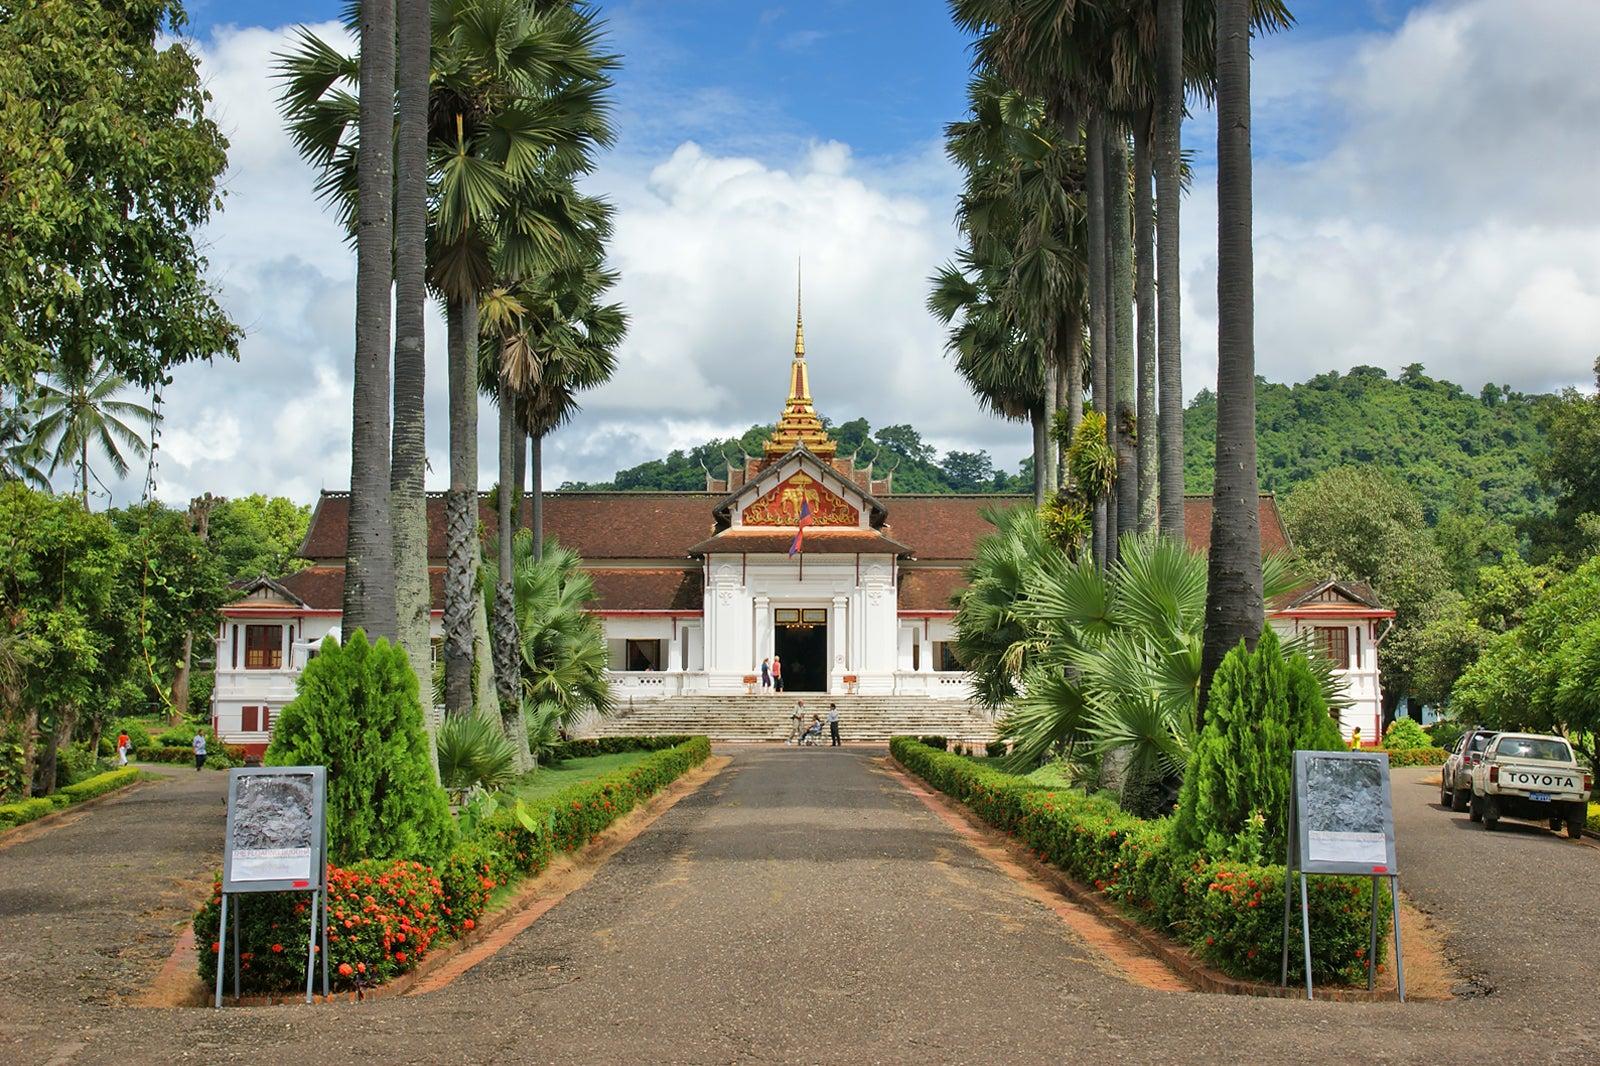 ผลการค้นหารูปภาพสำหรับ Royal Palace Museum luang prabang  laos